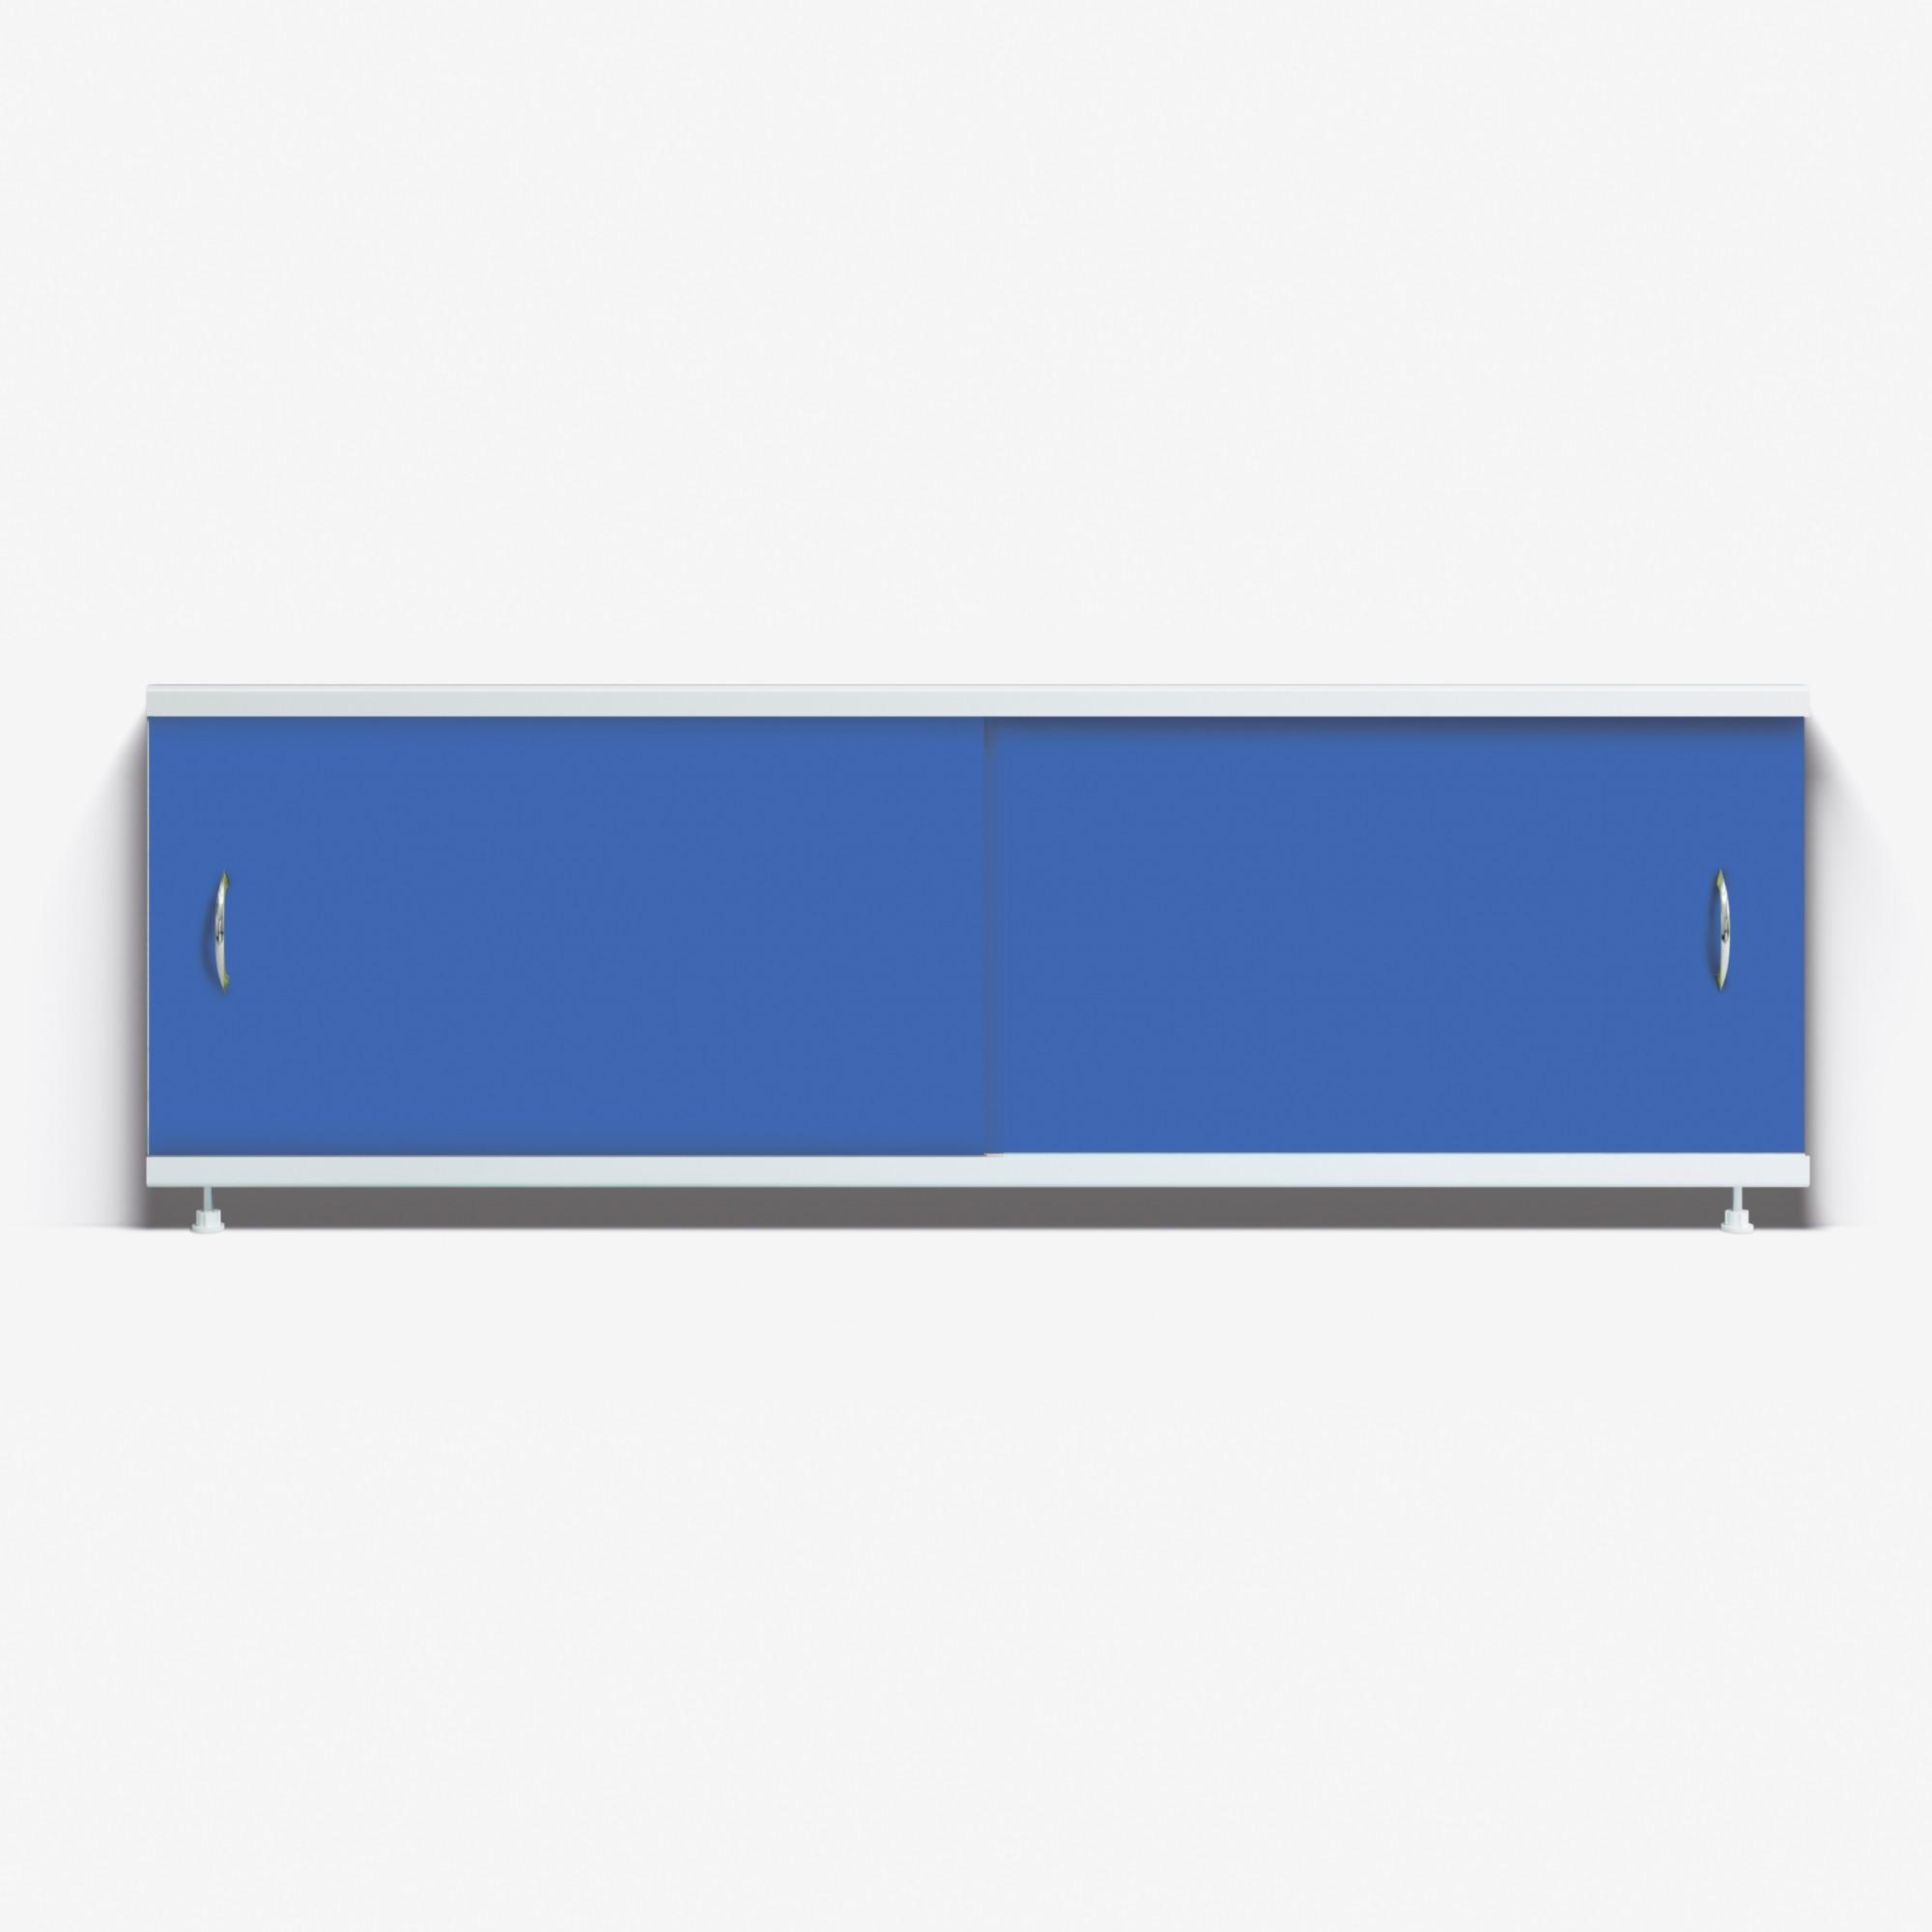 Экран под ванну Классик 150 синий